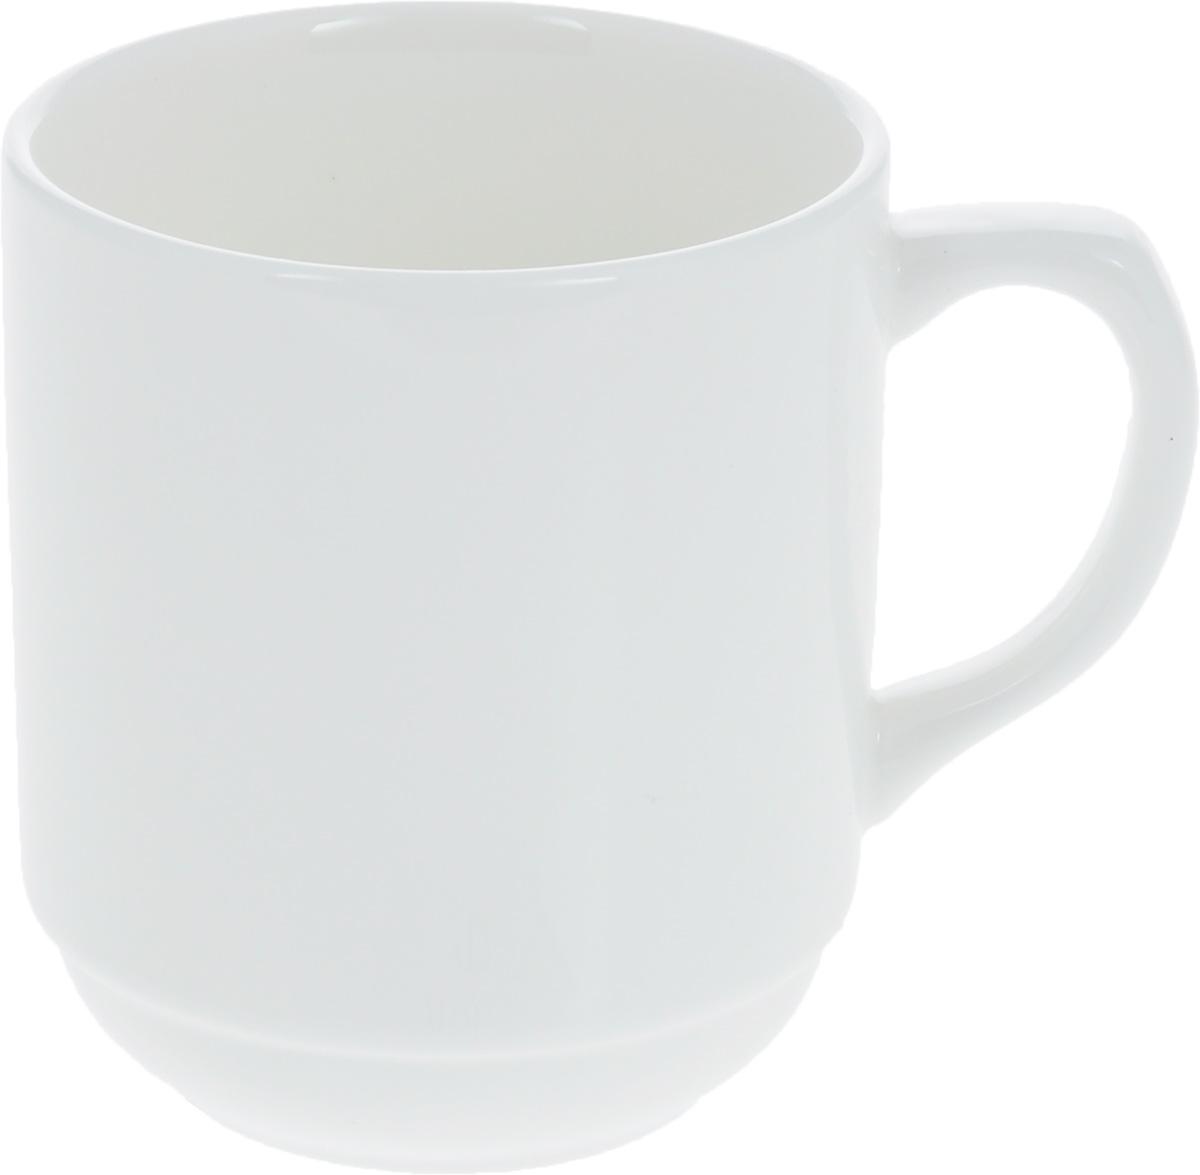 Кружка Wilmax, 320 млWL-993102 / AШтабелируемая кружка Wilmax, выполненная из высококачественного фарфора, оснащена удобной ручкой. Такая кружка впишется в любой интерьер современной кухни, а также станет отличным дополнением к сервировке праздничного или обеденного стола. Диаметр кружки (по верхнему краю): 8 см.